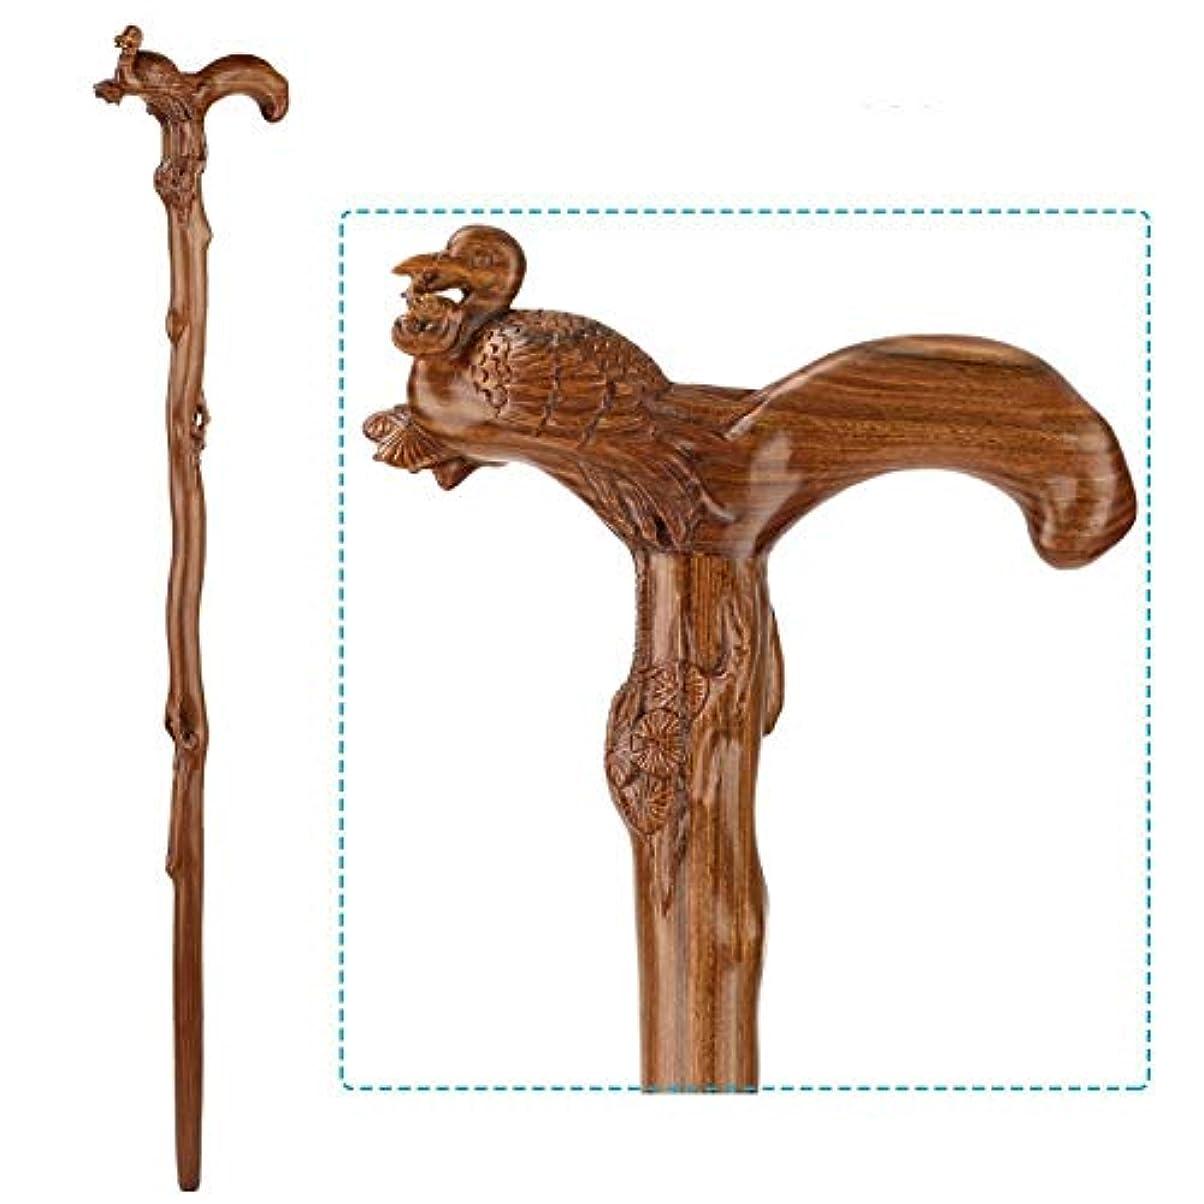 宣教師ぬれた仲良し木彫り杖人間工学に基づいた滑り止めギフト老人支援歩行創造性杖 (Color : J)